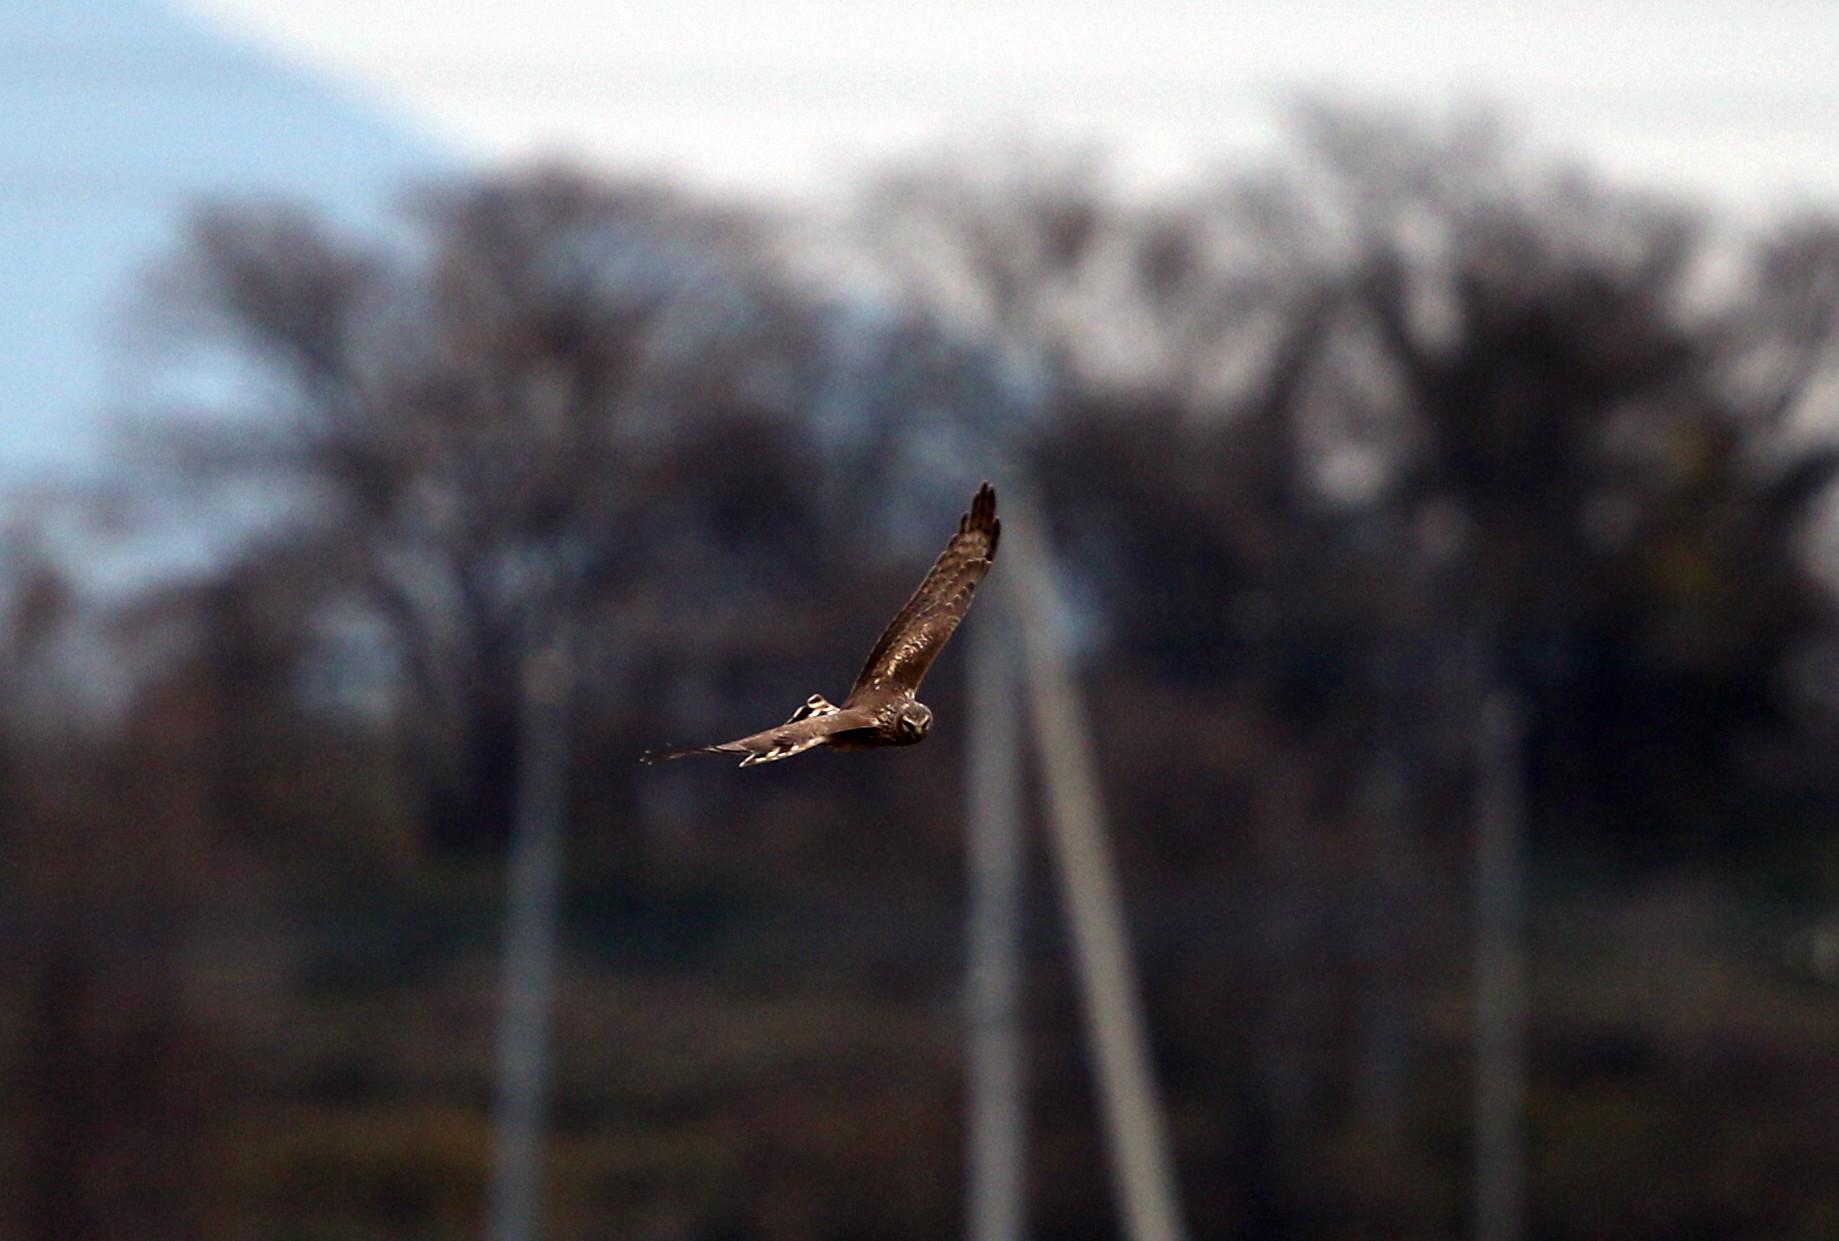 ハイイロチュウヒ雌の飛翔 その8_f0239515_1828212.jpg